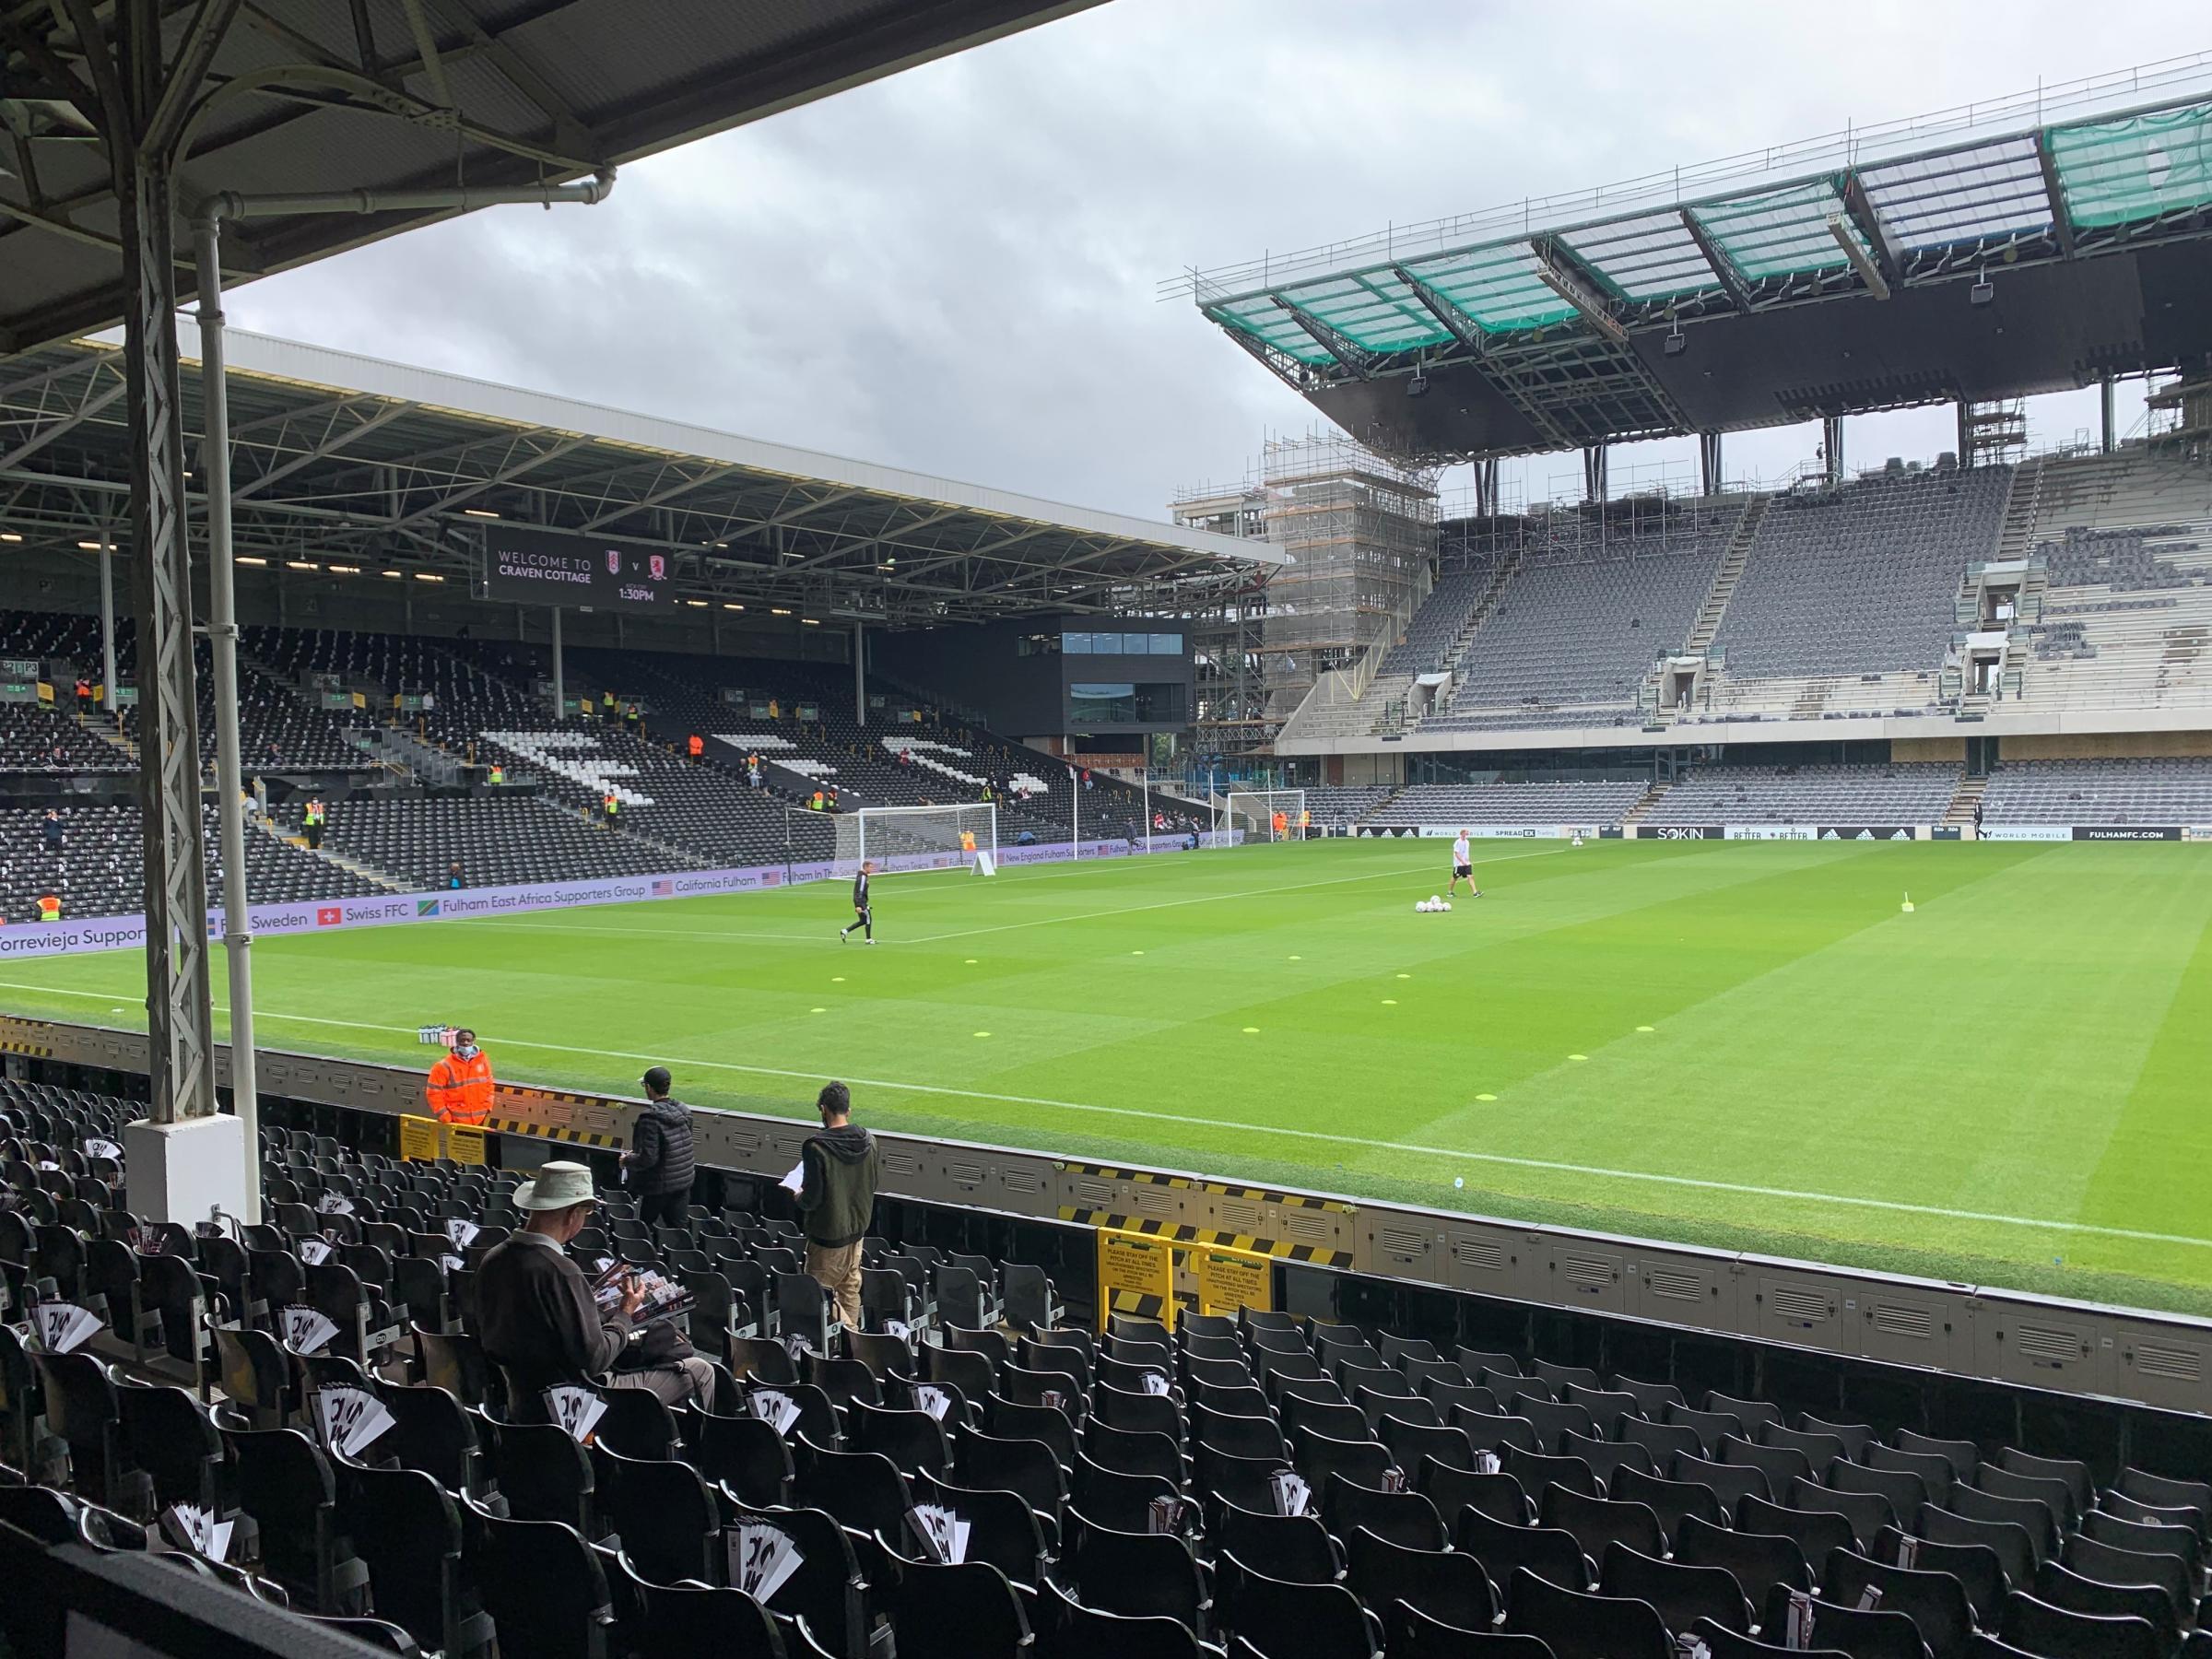 LIVE BLOG: Fulham vs Middlesbrough (Championship)